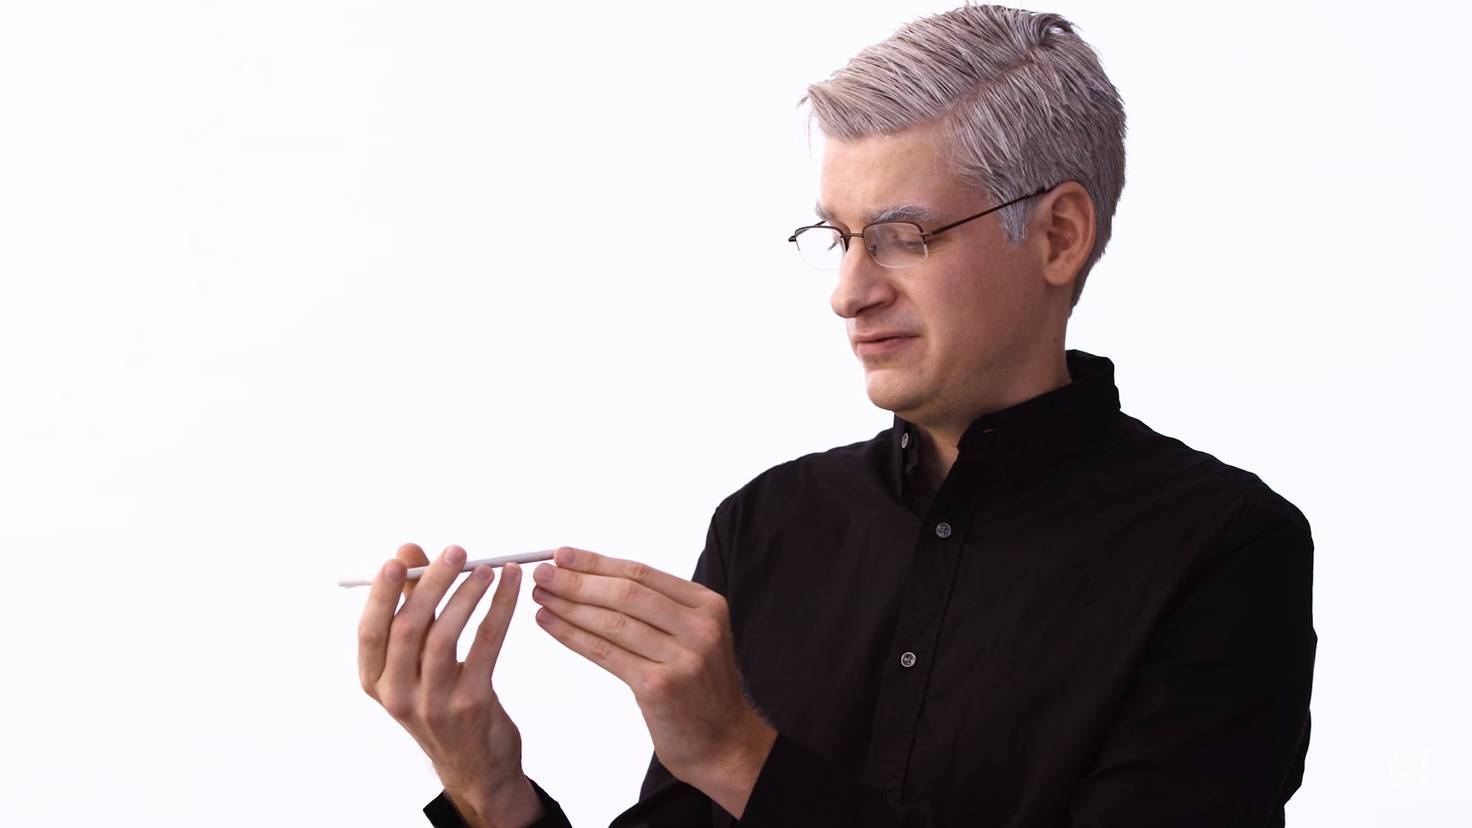 Jony-Ive-iPhone-7-CollegeHumor